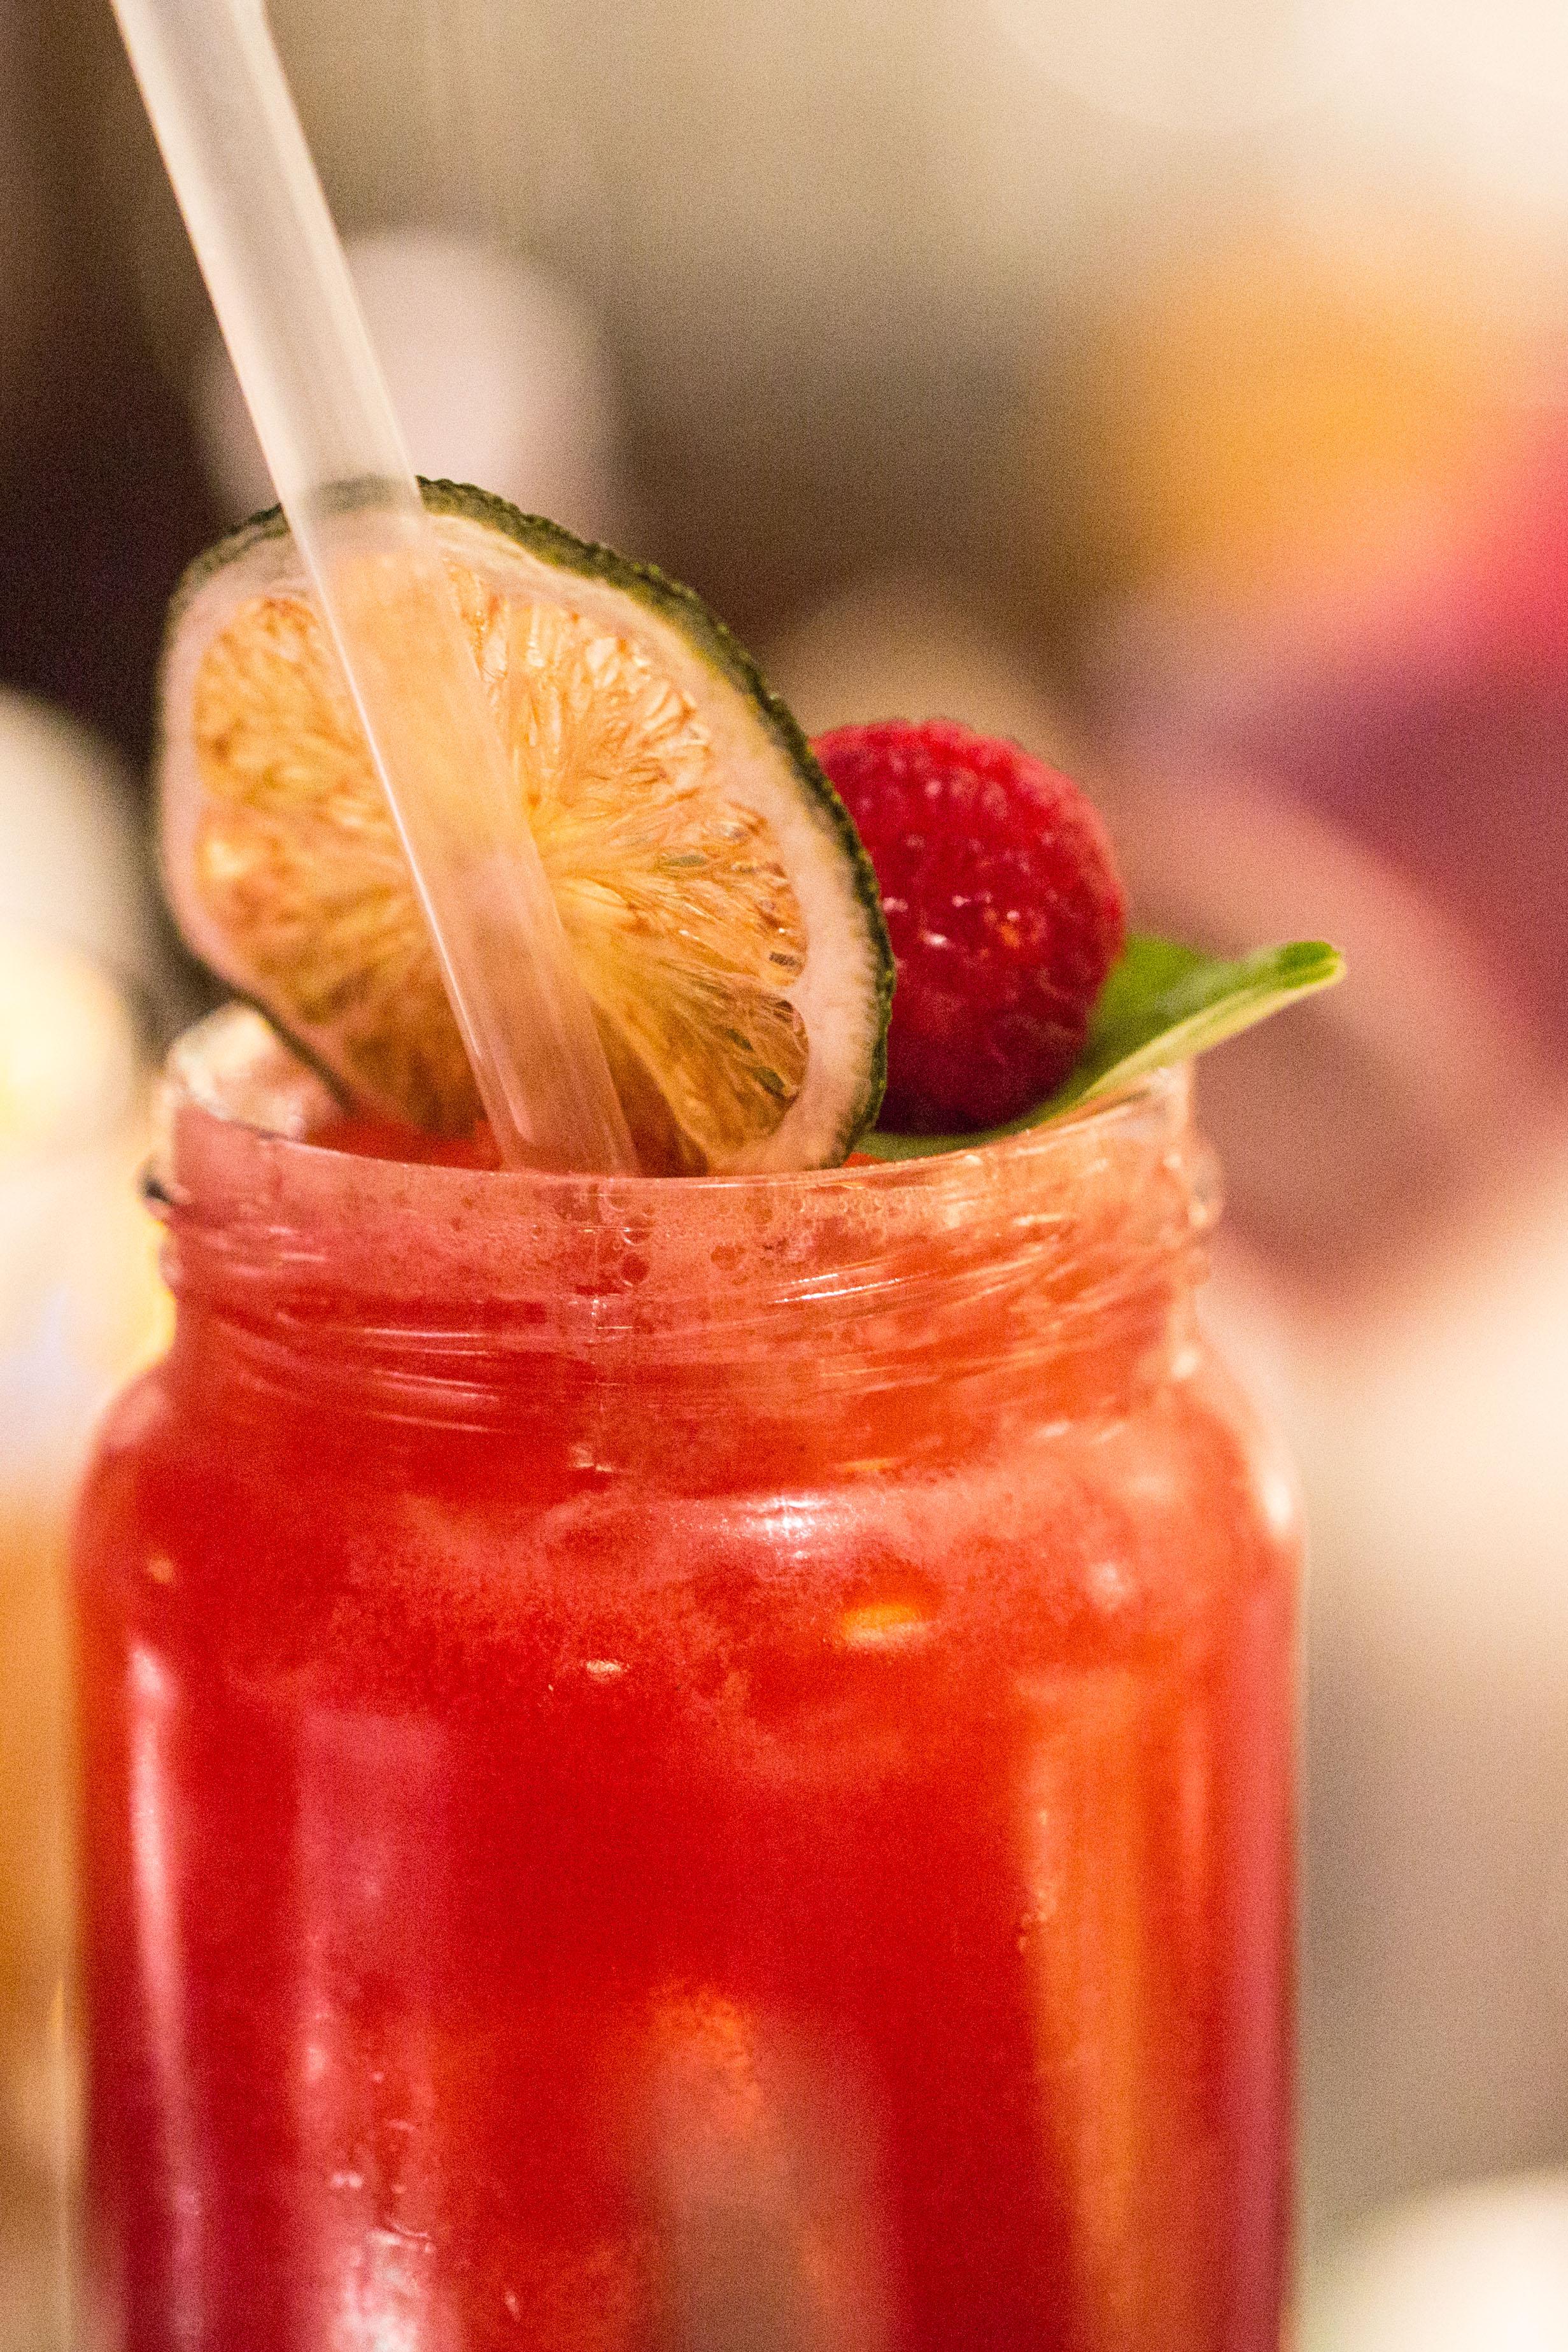 cocktail-fannygaudin-5271